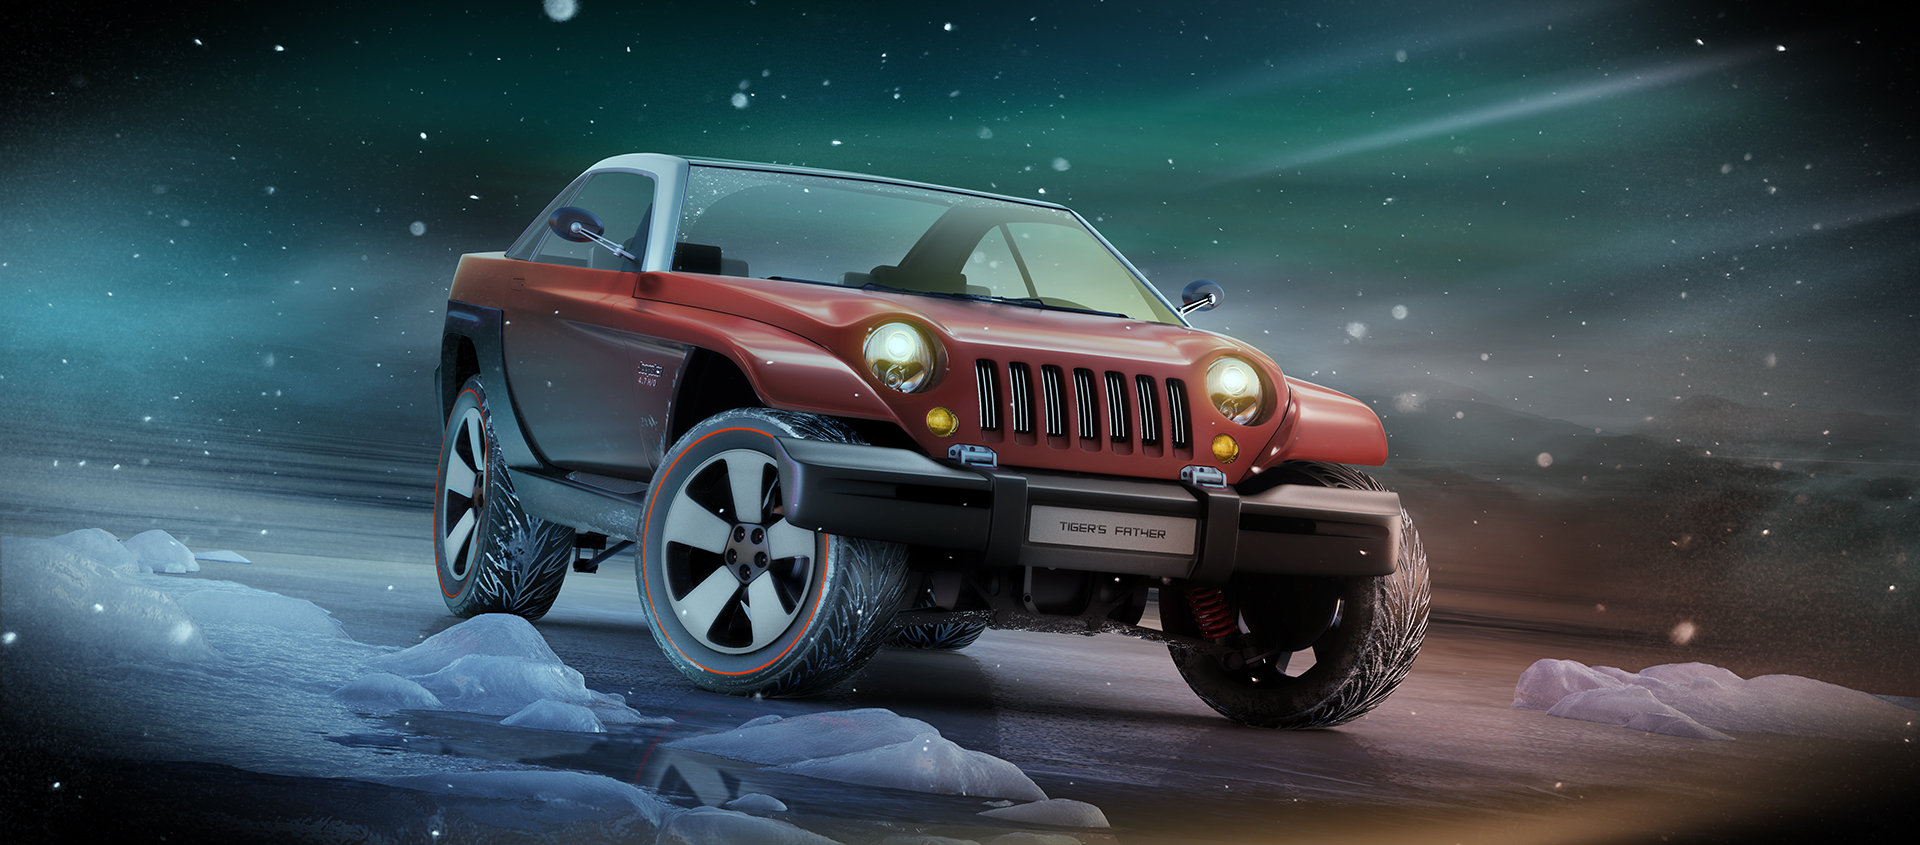 Alexandr novitskiy 1998 jeep jeepster concept 02